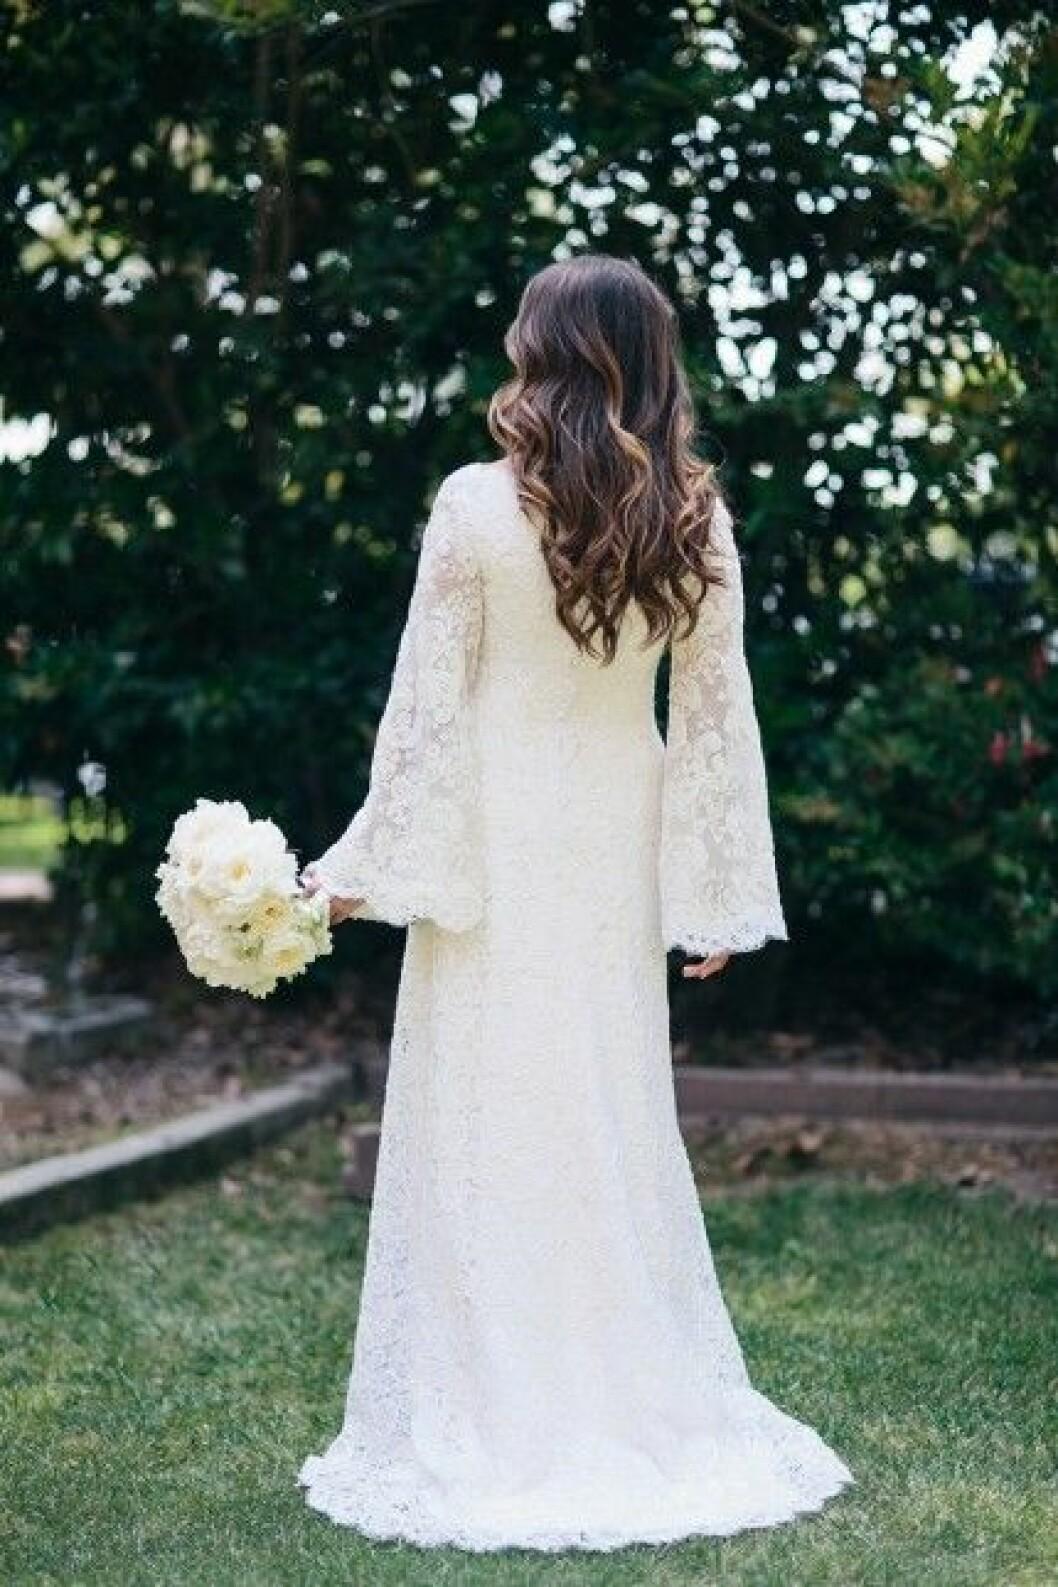 Brudbuketten och den vackra klänningen bakifrån.